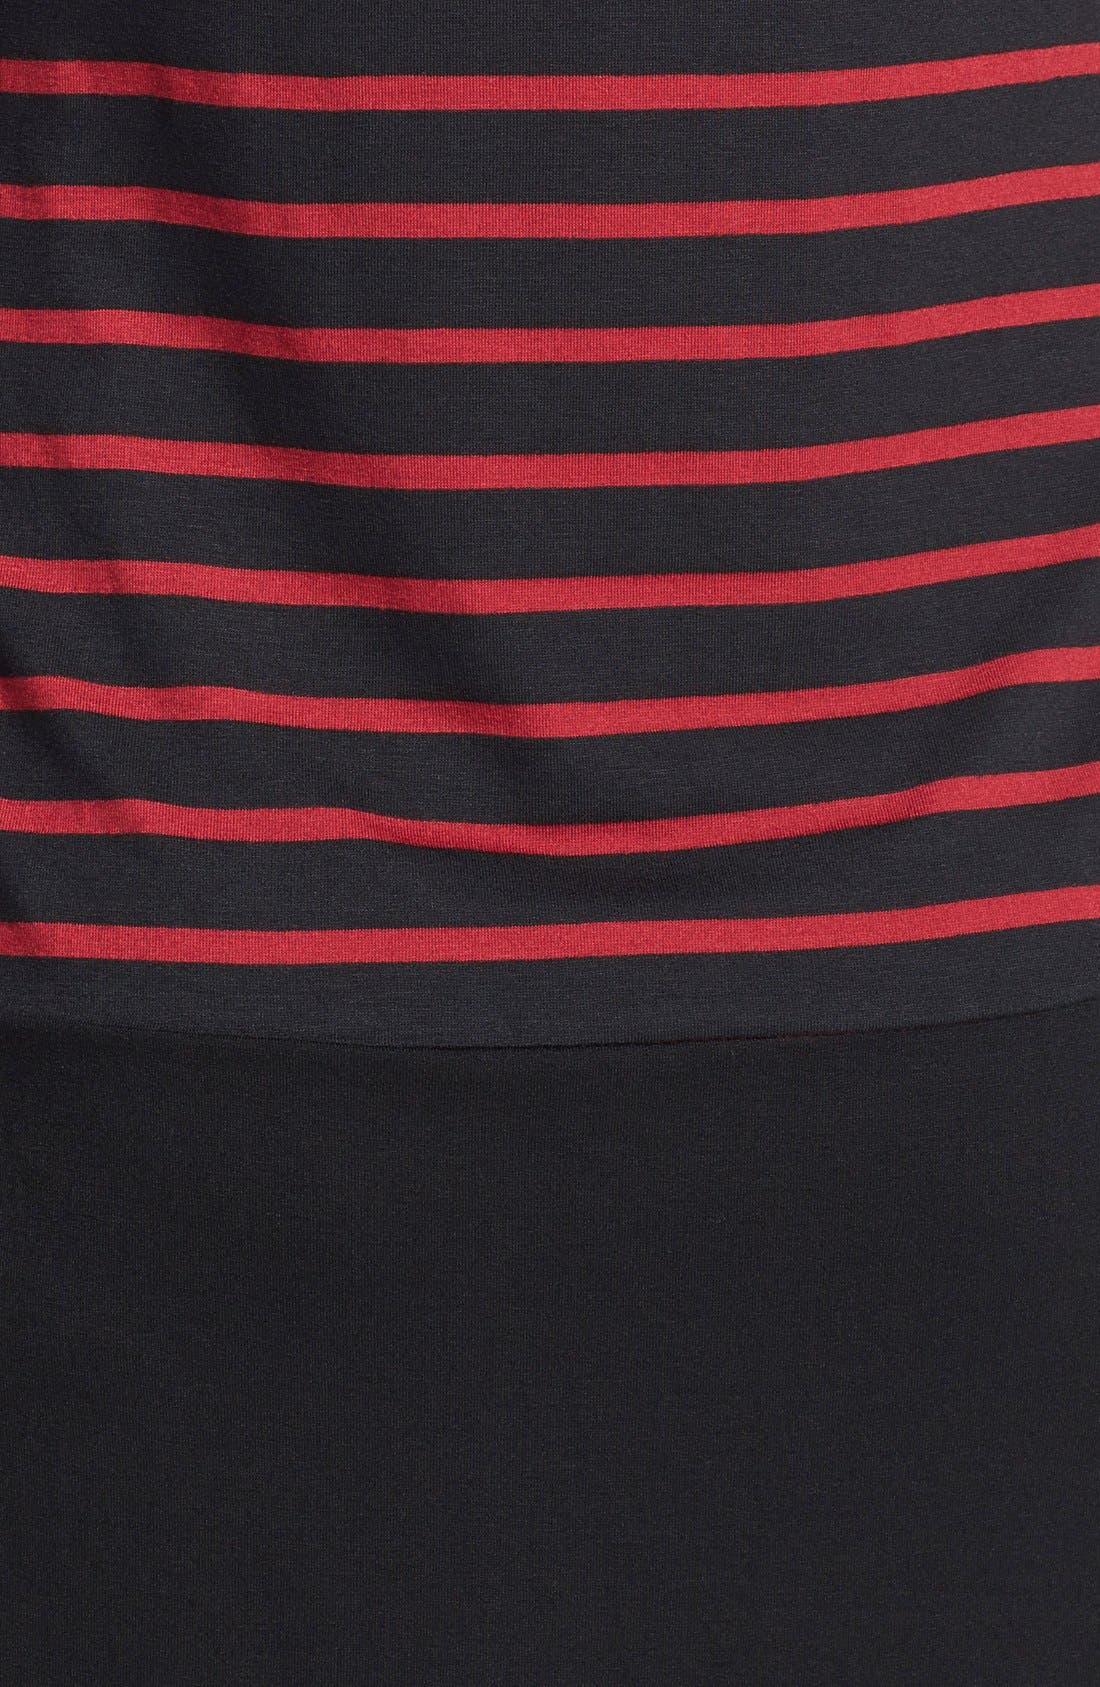 Keyhole Maternity Dress,                             Alternate thumbnail 2, color,                             Black/ Wine Stripes